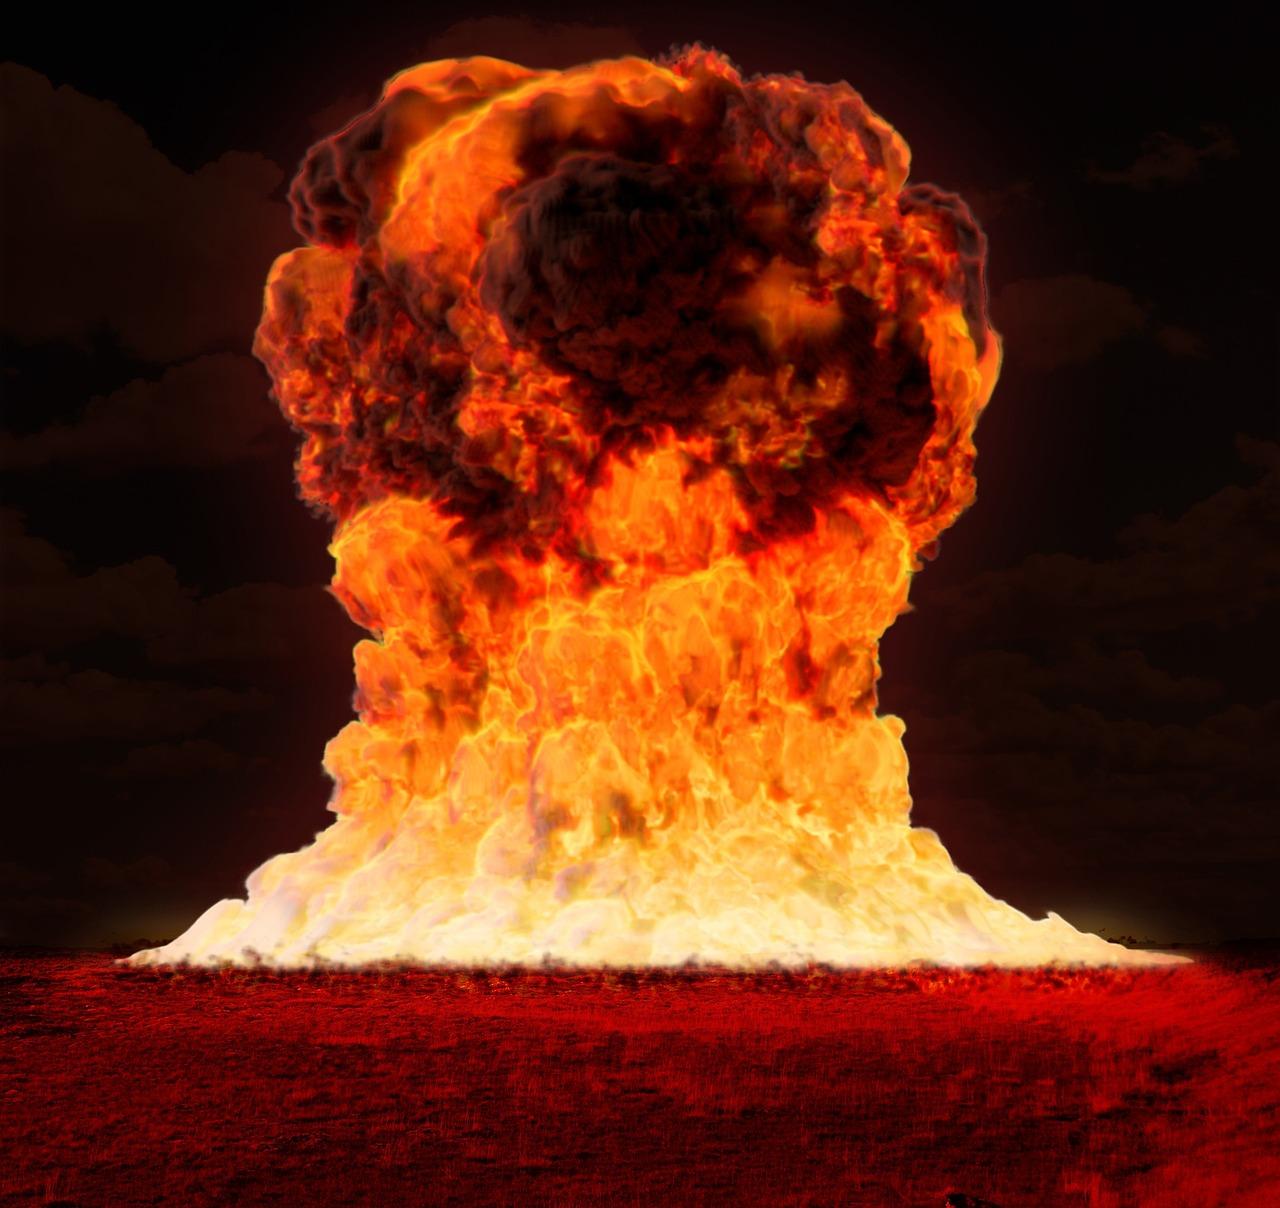 核, 爆弾, 戦争, 危険, 爆発, 原子, 火, 電子レンジで調理, 黙示録, 武器, ハルマゲドン, テロ